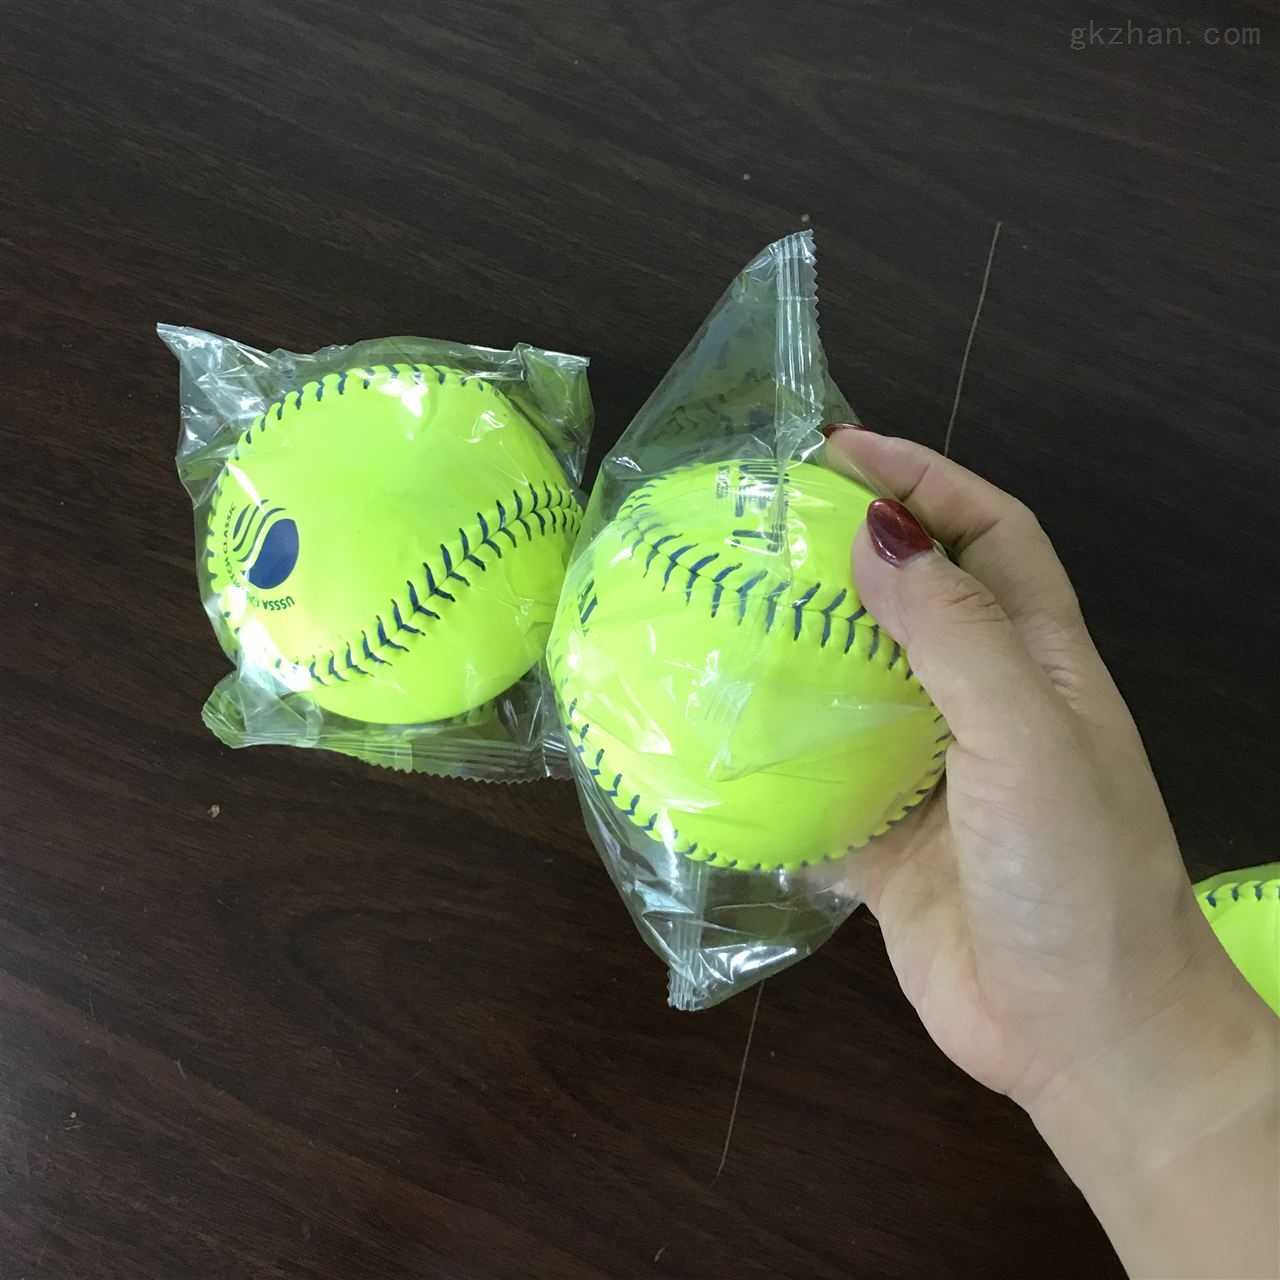 棒球套袋包装机